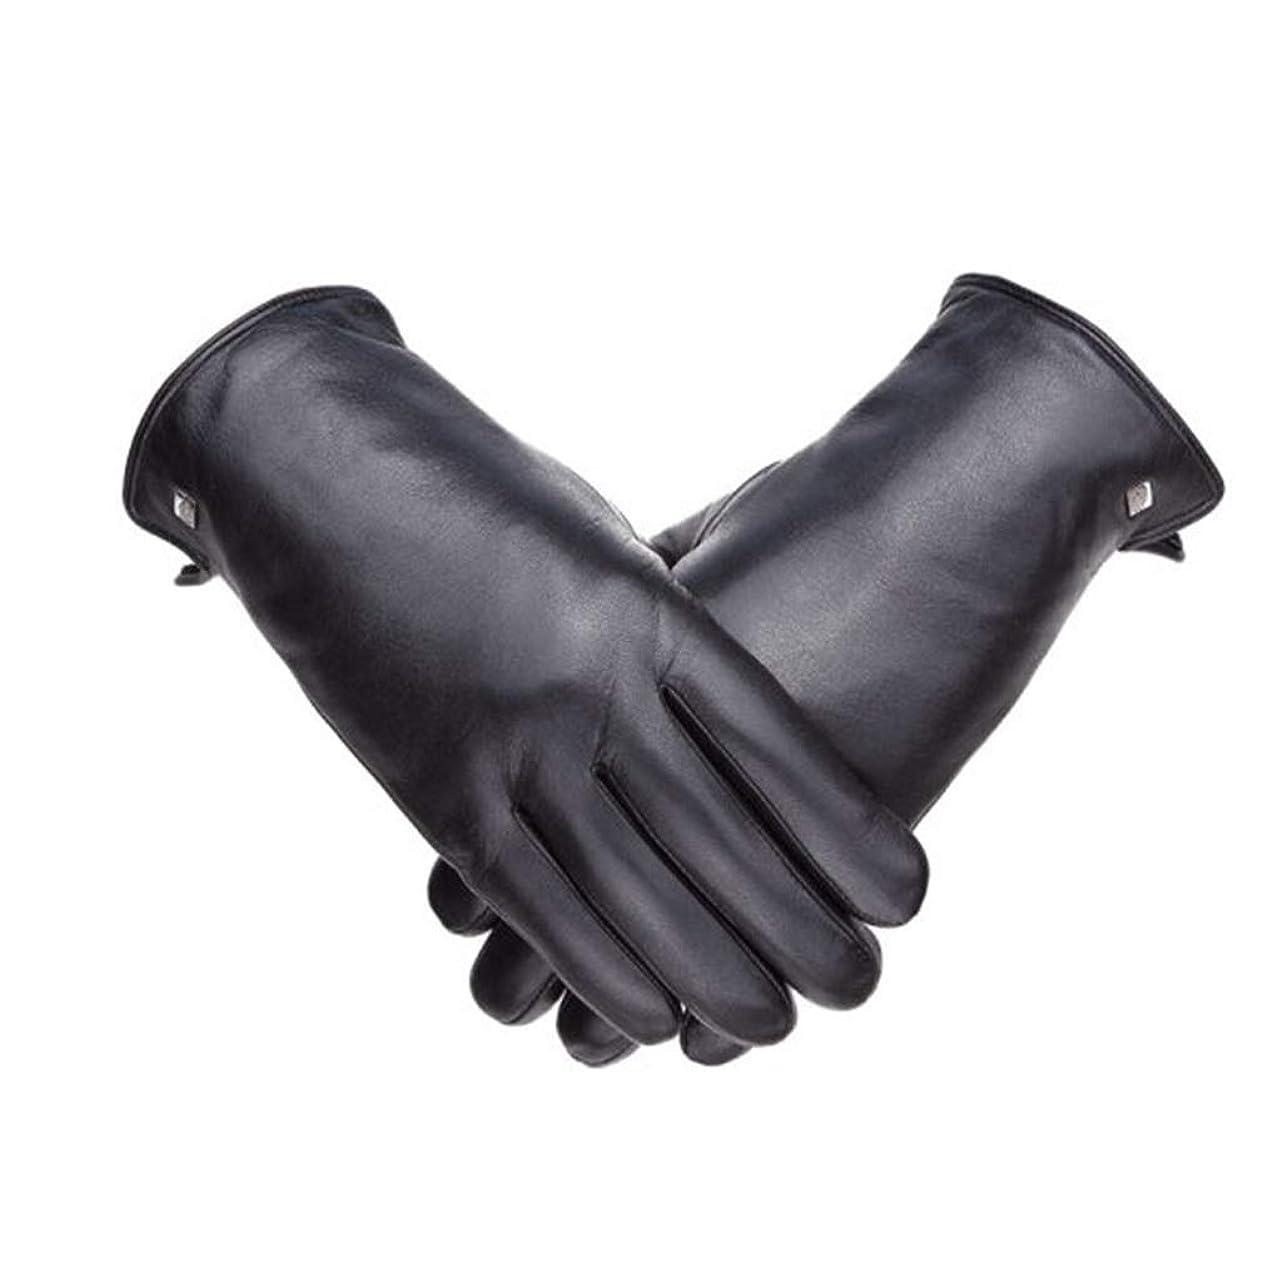 熱おとうさんどれでも革の肥厚プラスベルベット柔らかなヤギの男性の手袋防風寒い冬暖かい手袋を乗って19841101-01B黒XXL